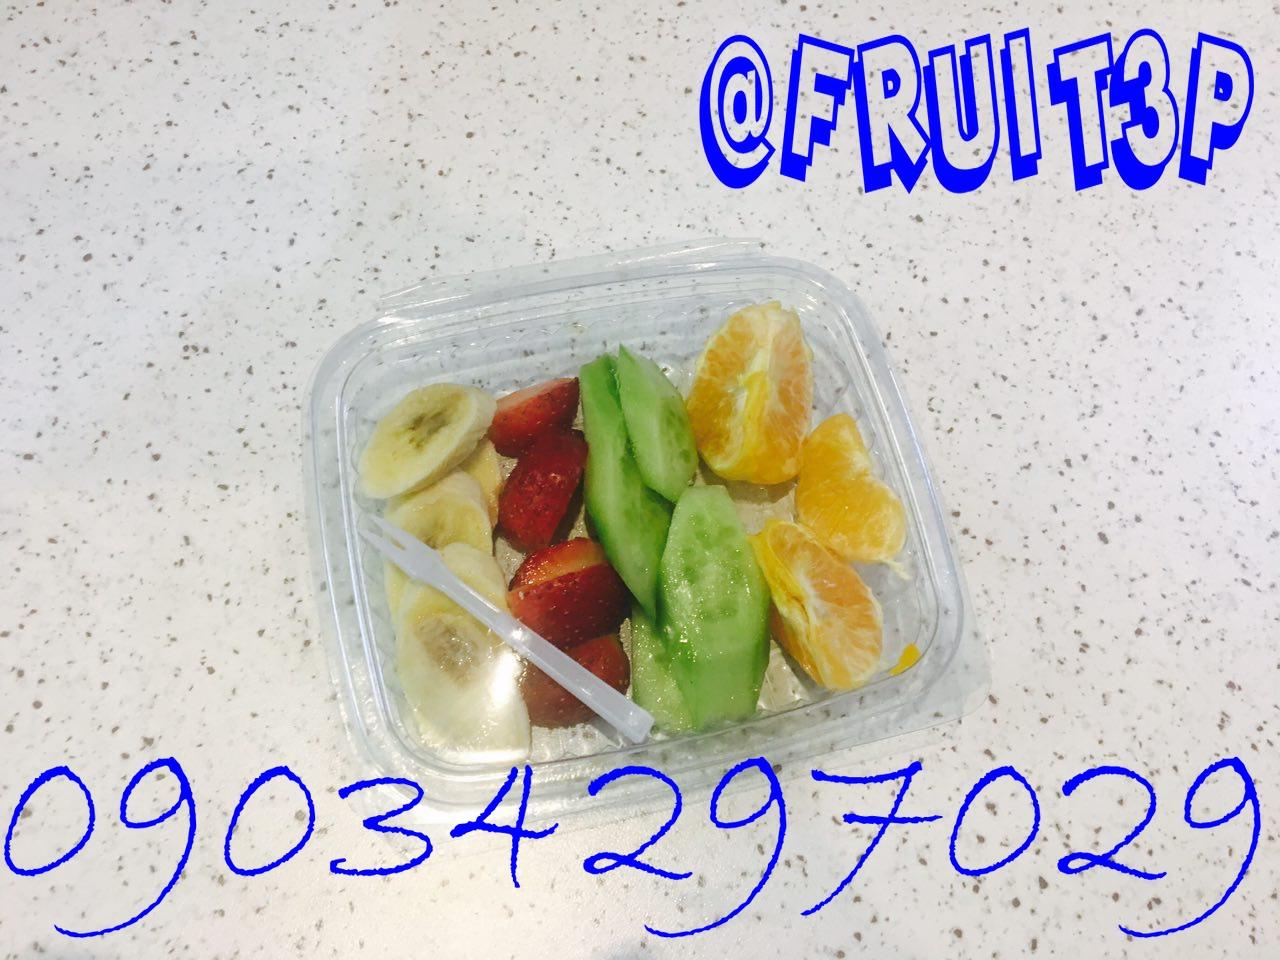 میوه خرد بسته بندی شده تکنفره آماده پذیرایی (پارادایس)